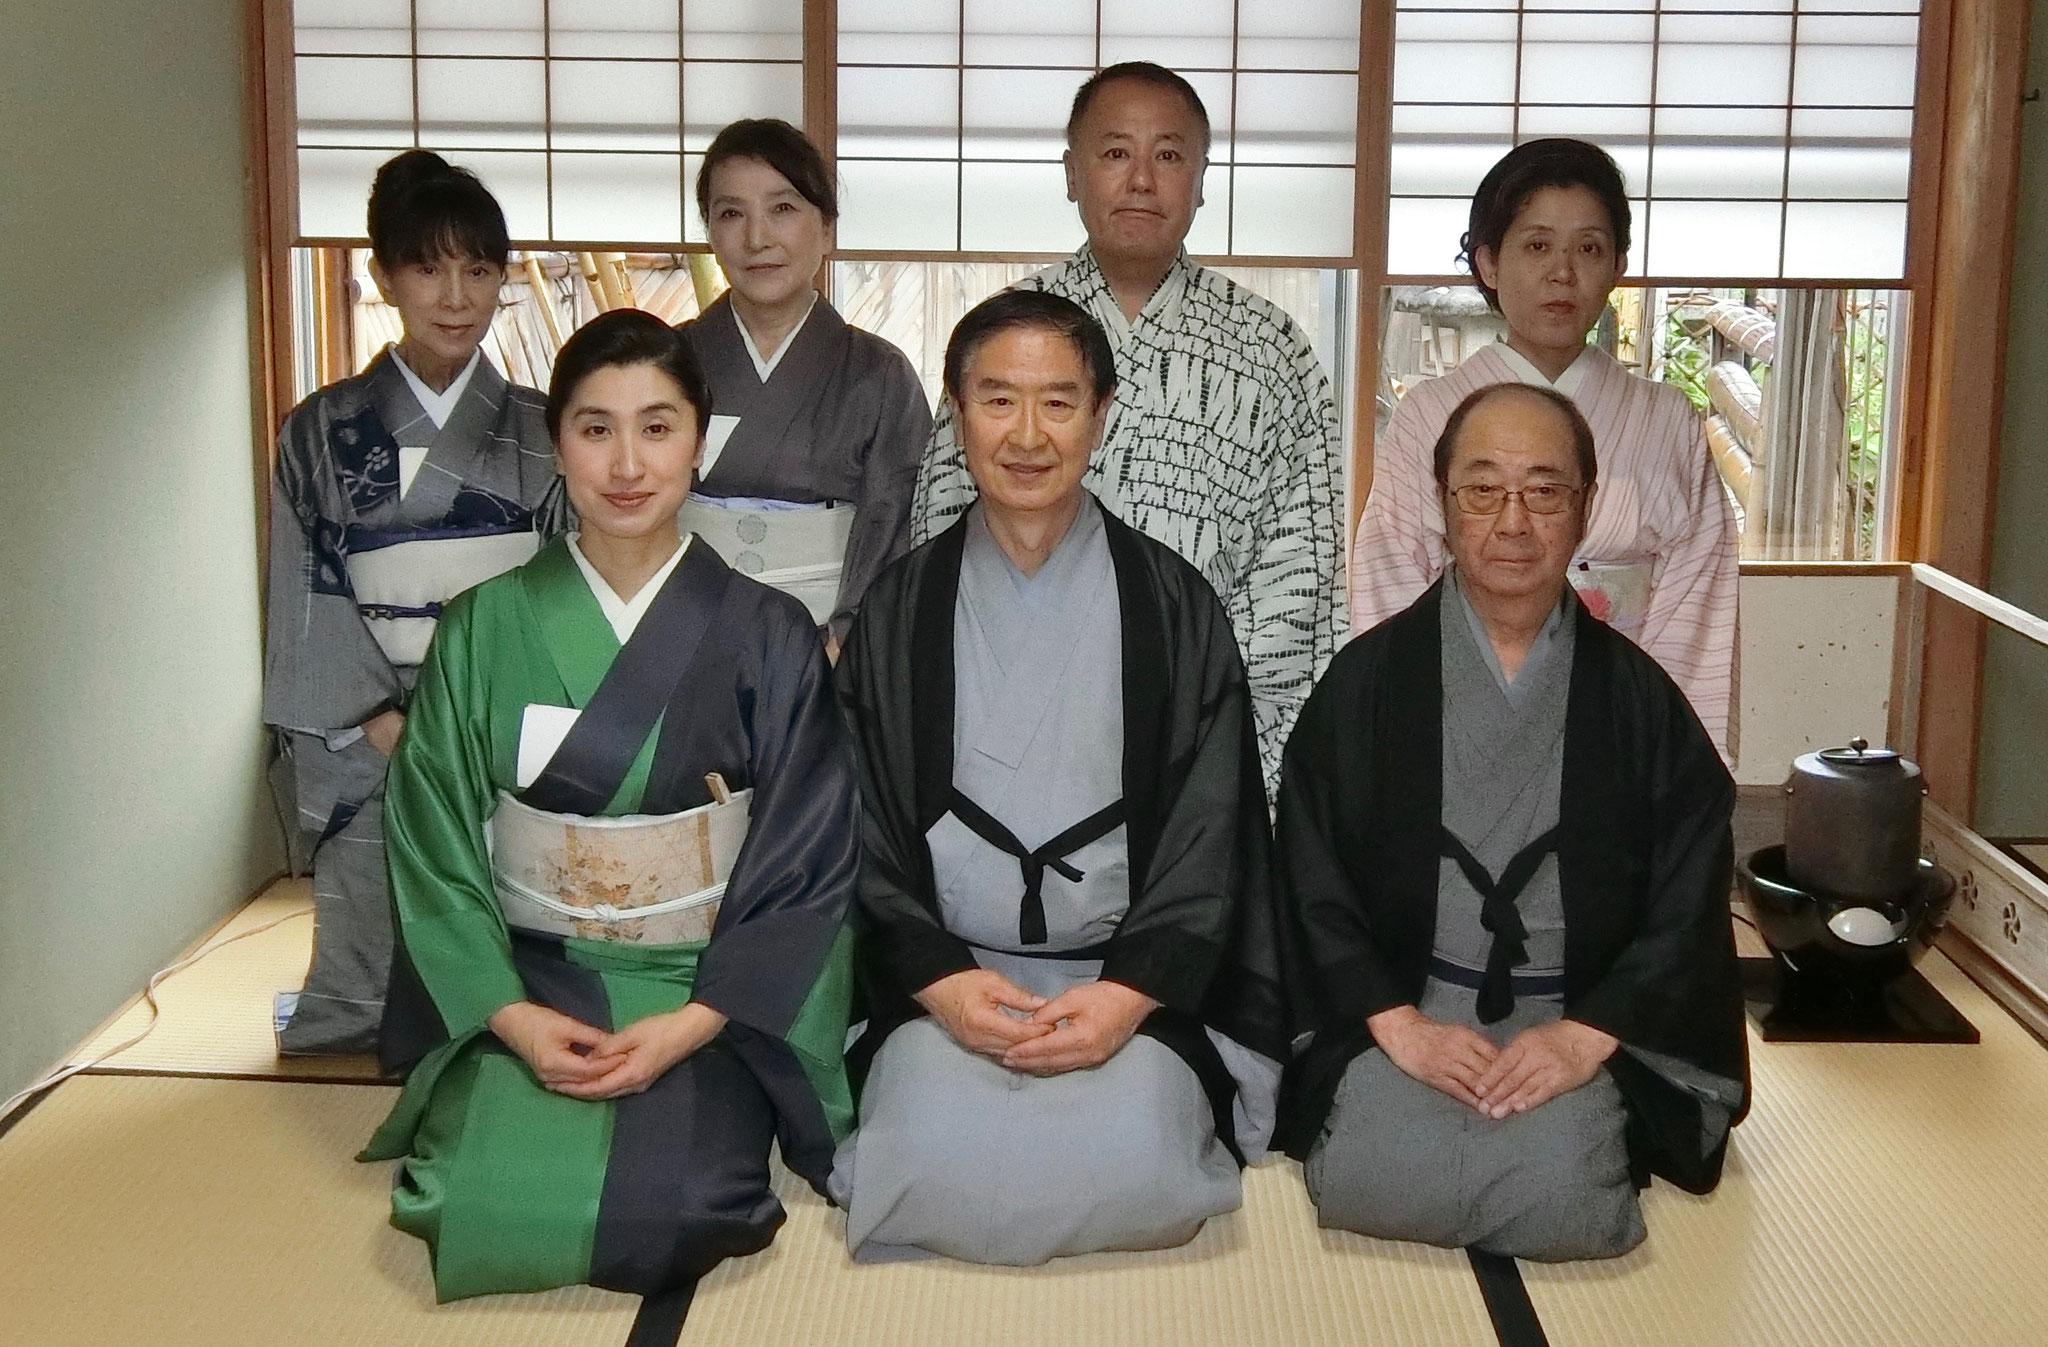 前列左より次期家元水谷雅由、当代家元水谷宗雅、長老田中風雅